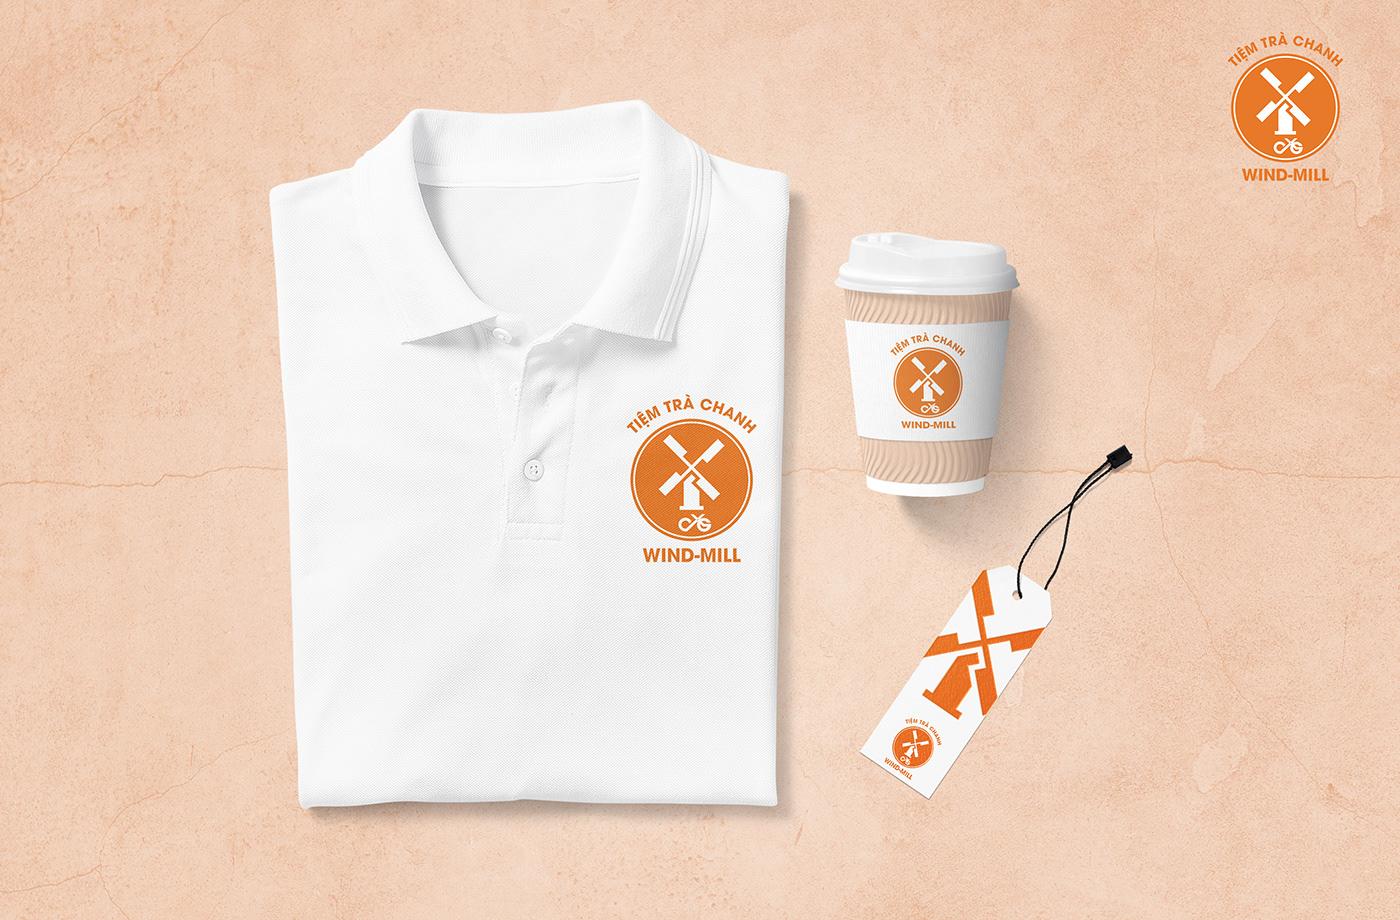 Image may contain: envelope, shirt and active shirt